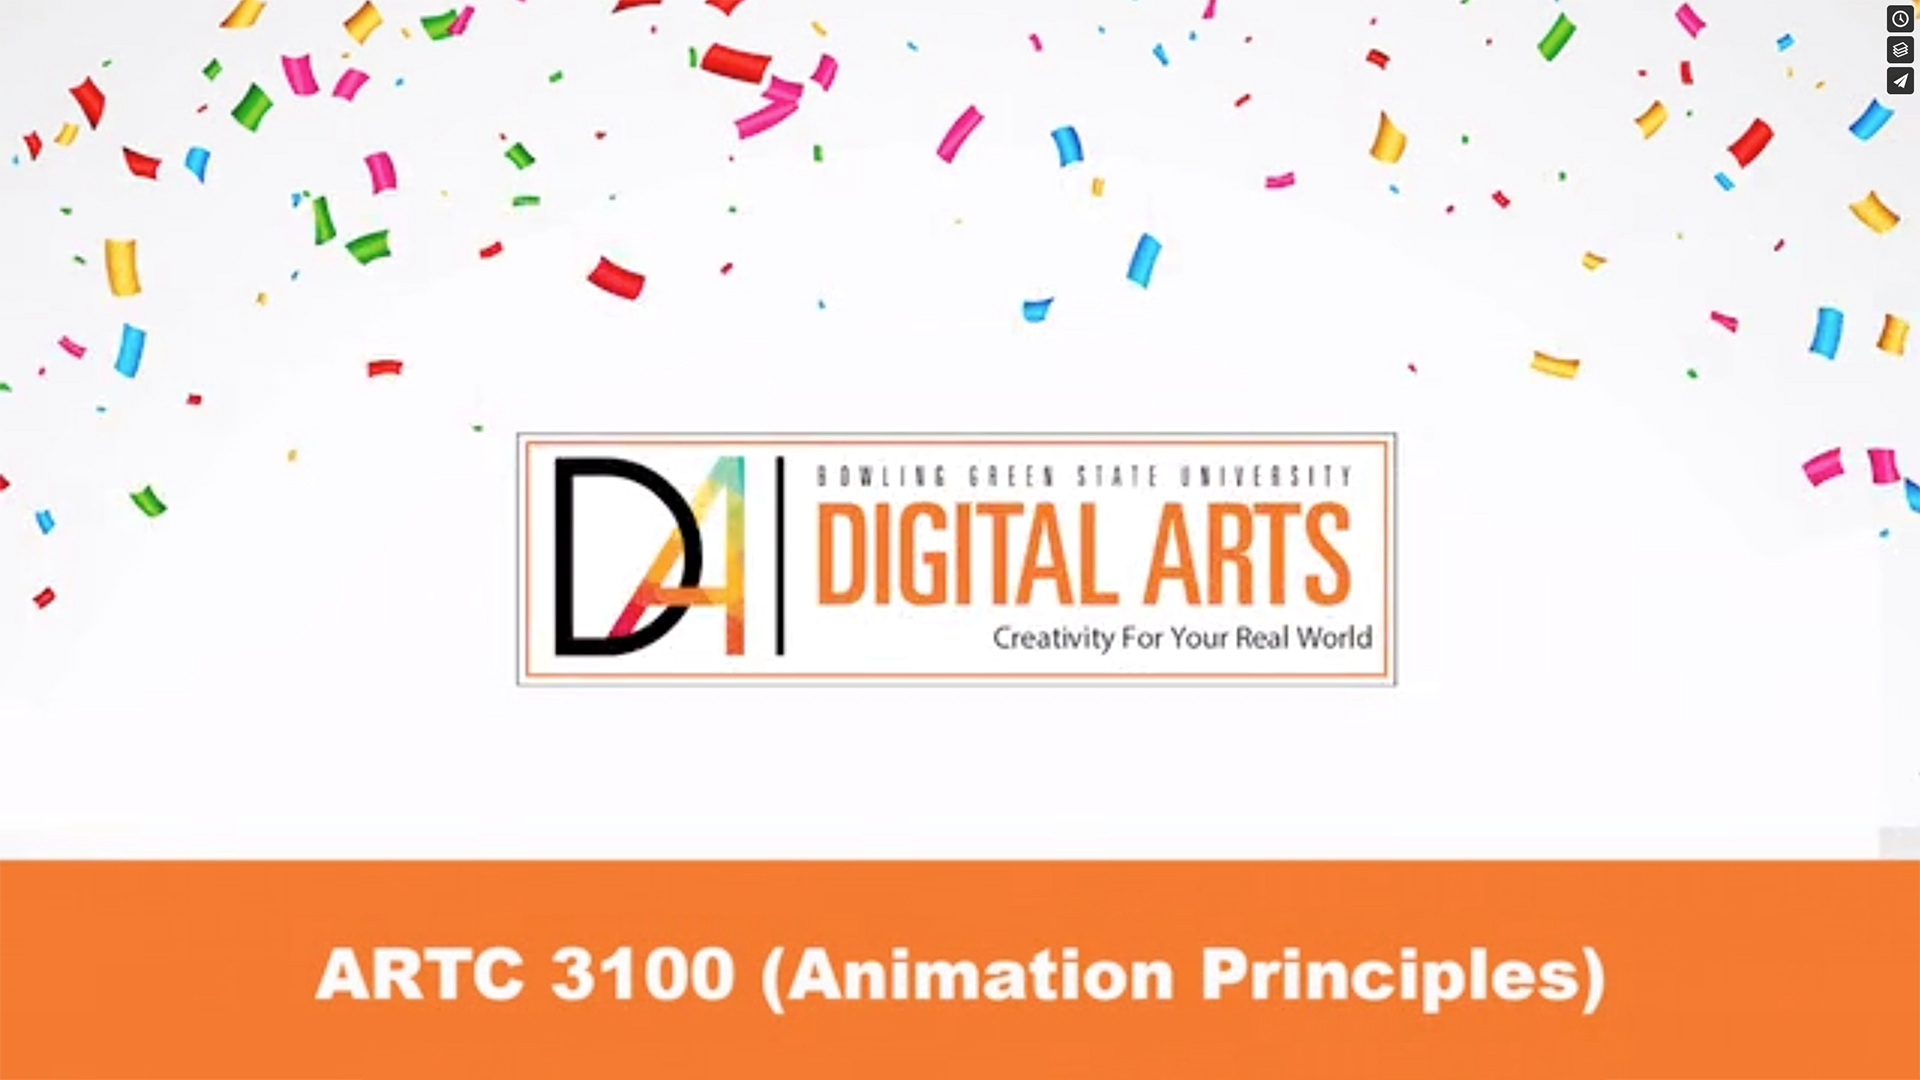 ARTC 3100, Animation Principals